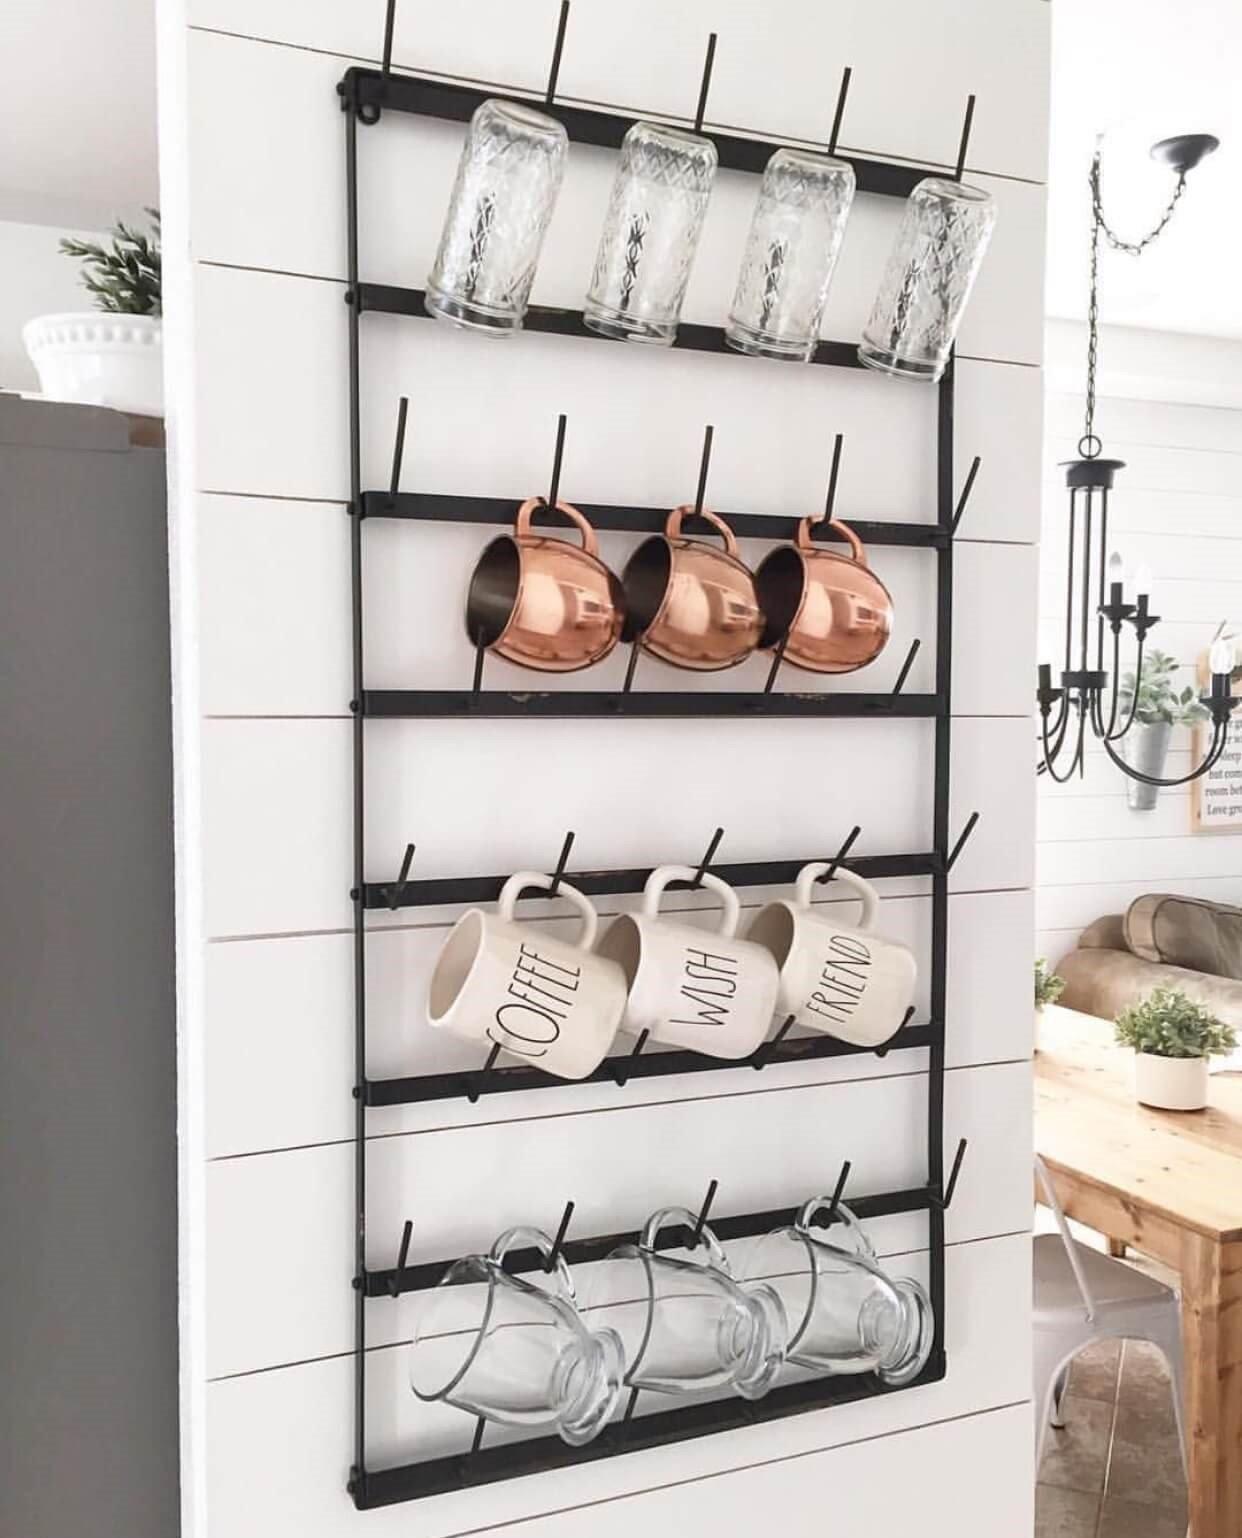 7 DIY Wrought Iron Rack via Simphome